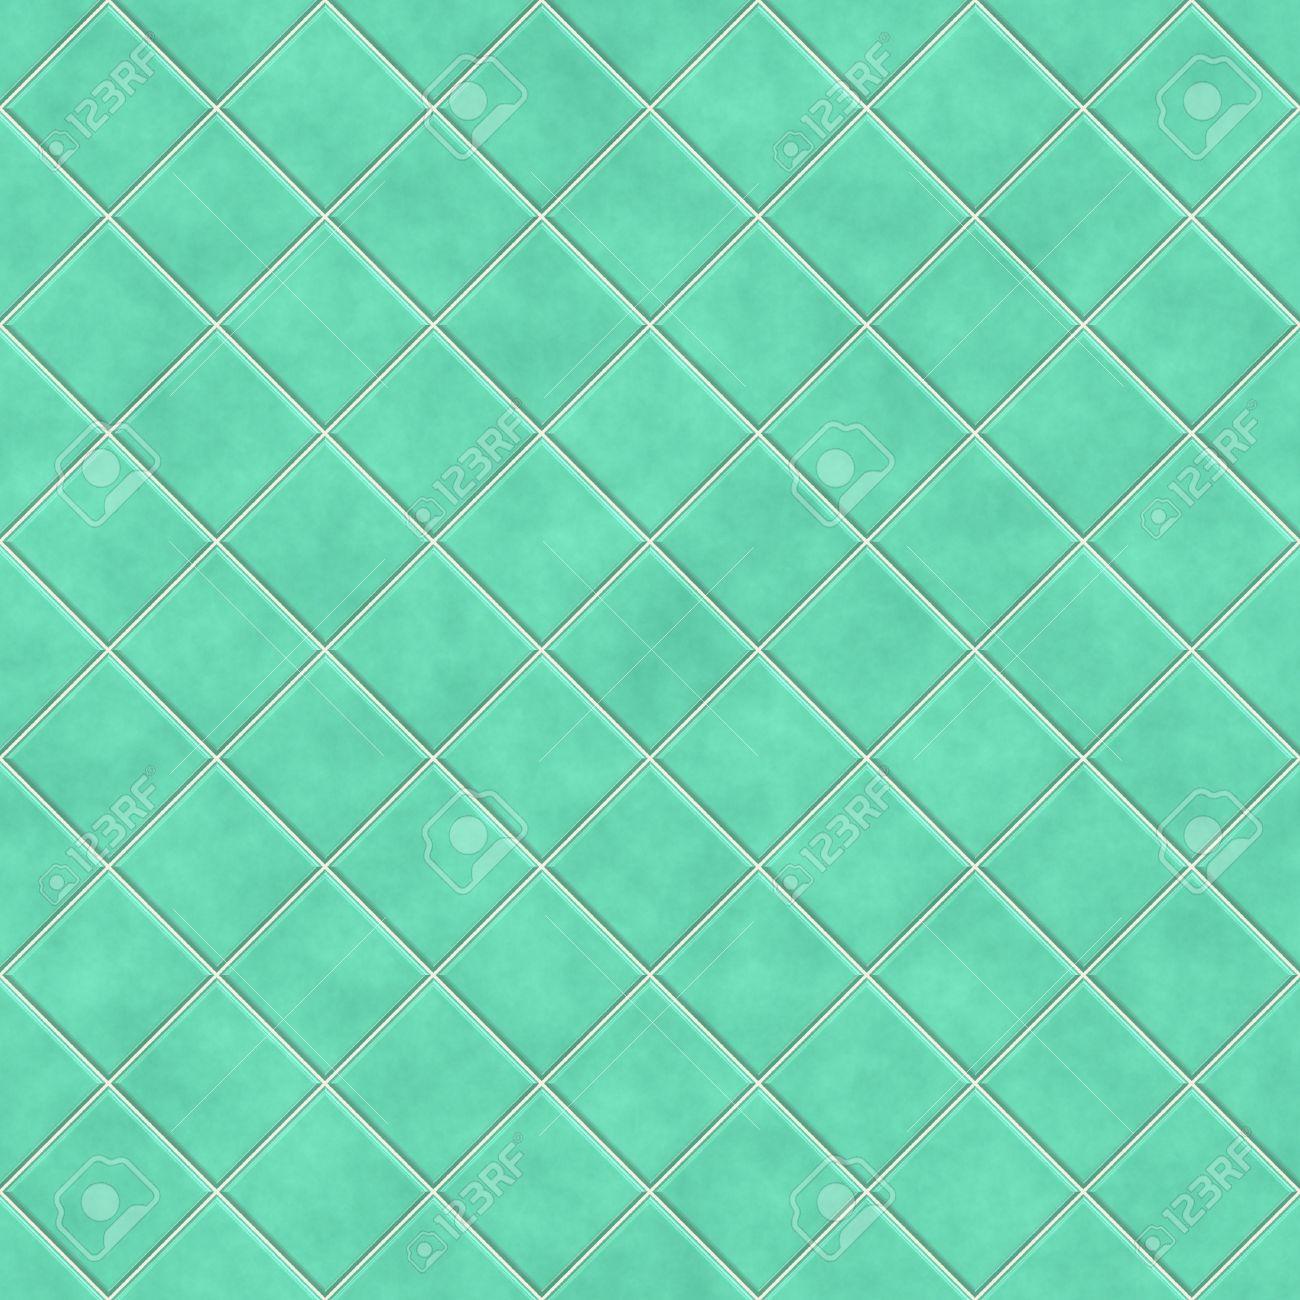 Hervorragend Nahtlose Grüne Fliesen Textur Hintergrund, Küche Oder Bad Konzept  Standard Bild   7306526